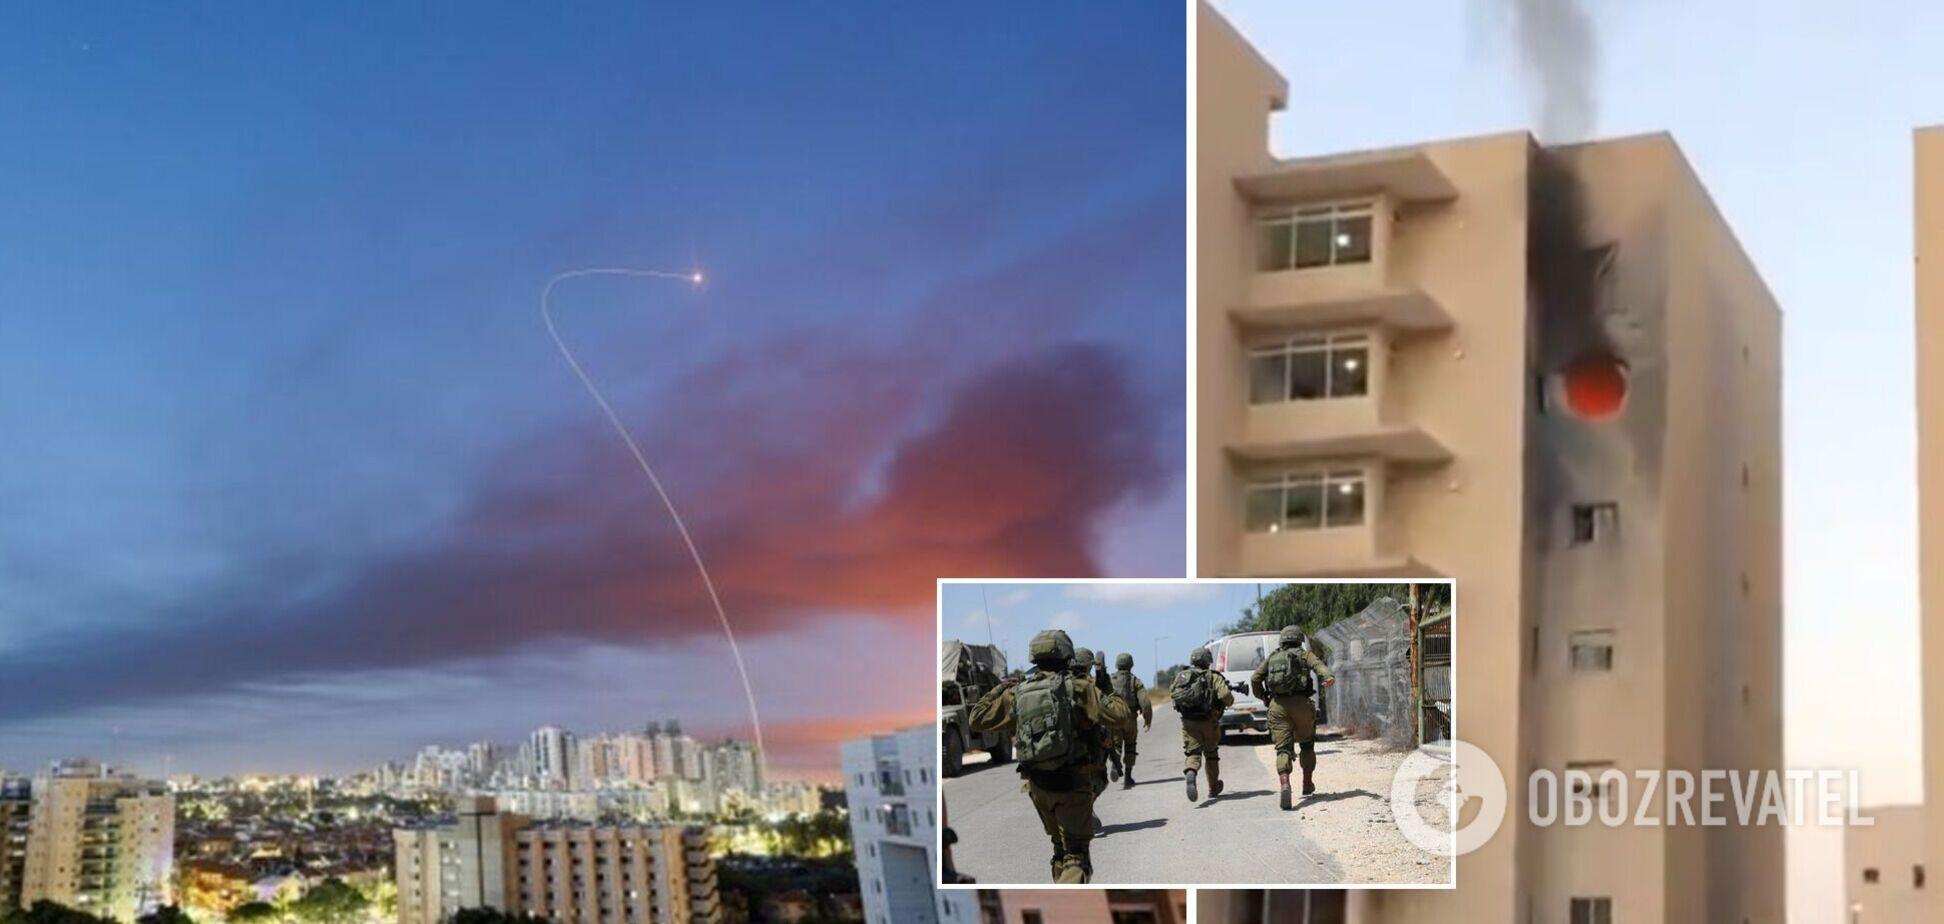 'Железный купол' Израиля не справился с атакой 130 ракет: погиб ребенок, есть раненые. Видео